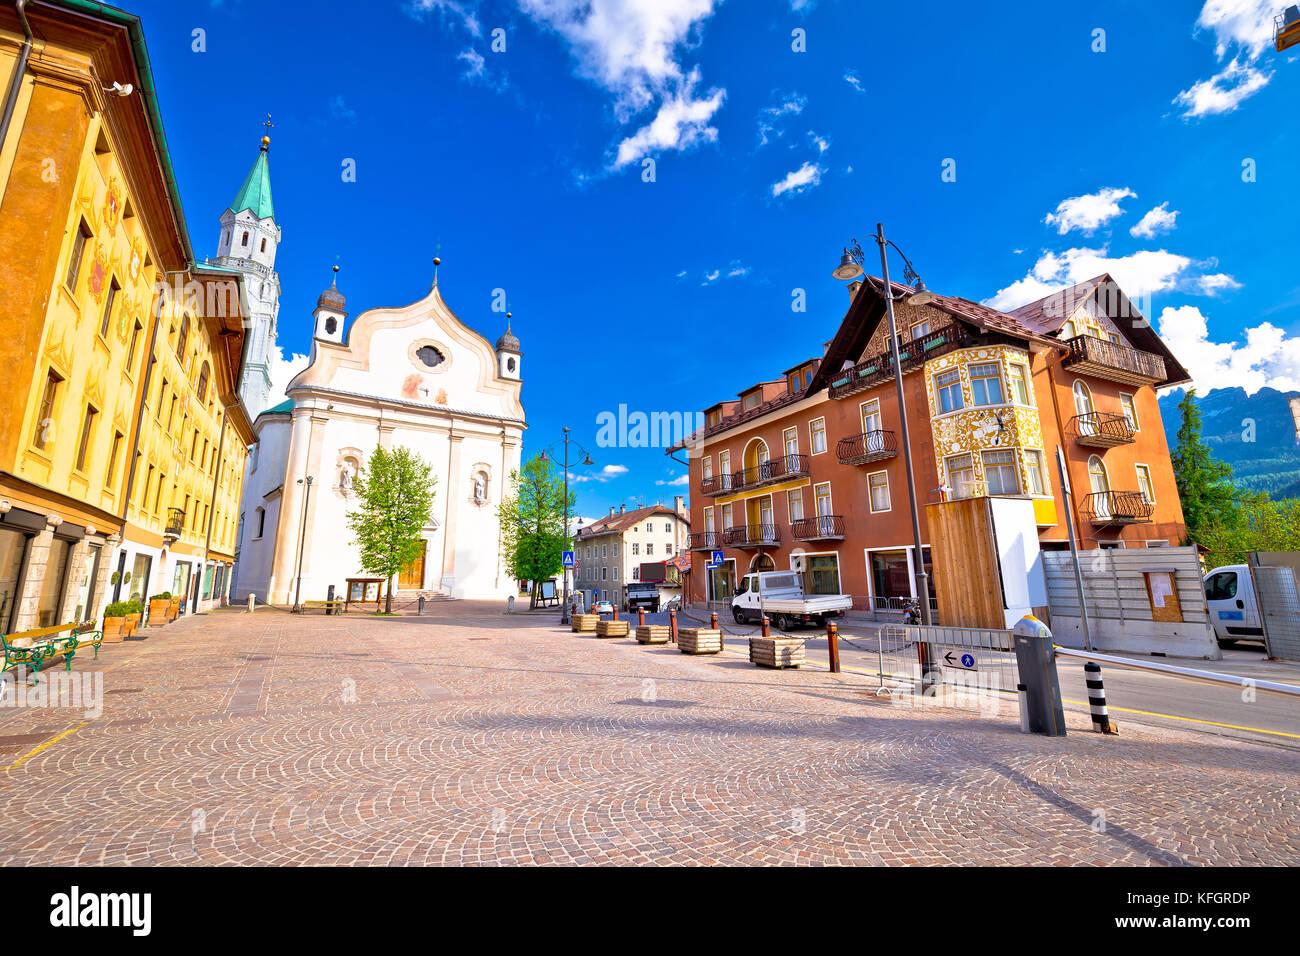 Cortina d' Ampezzo main square architecture view, Veneto region of Italy - Stock Image